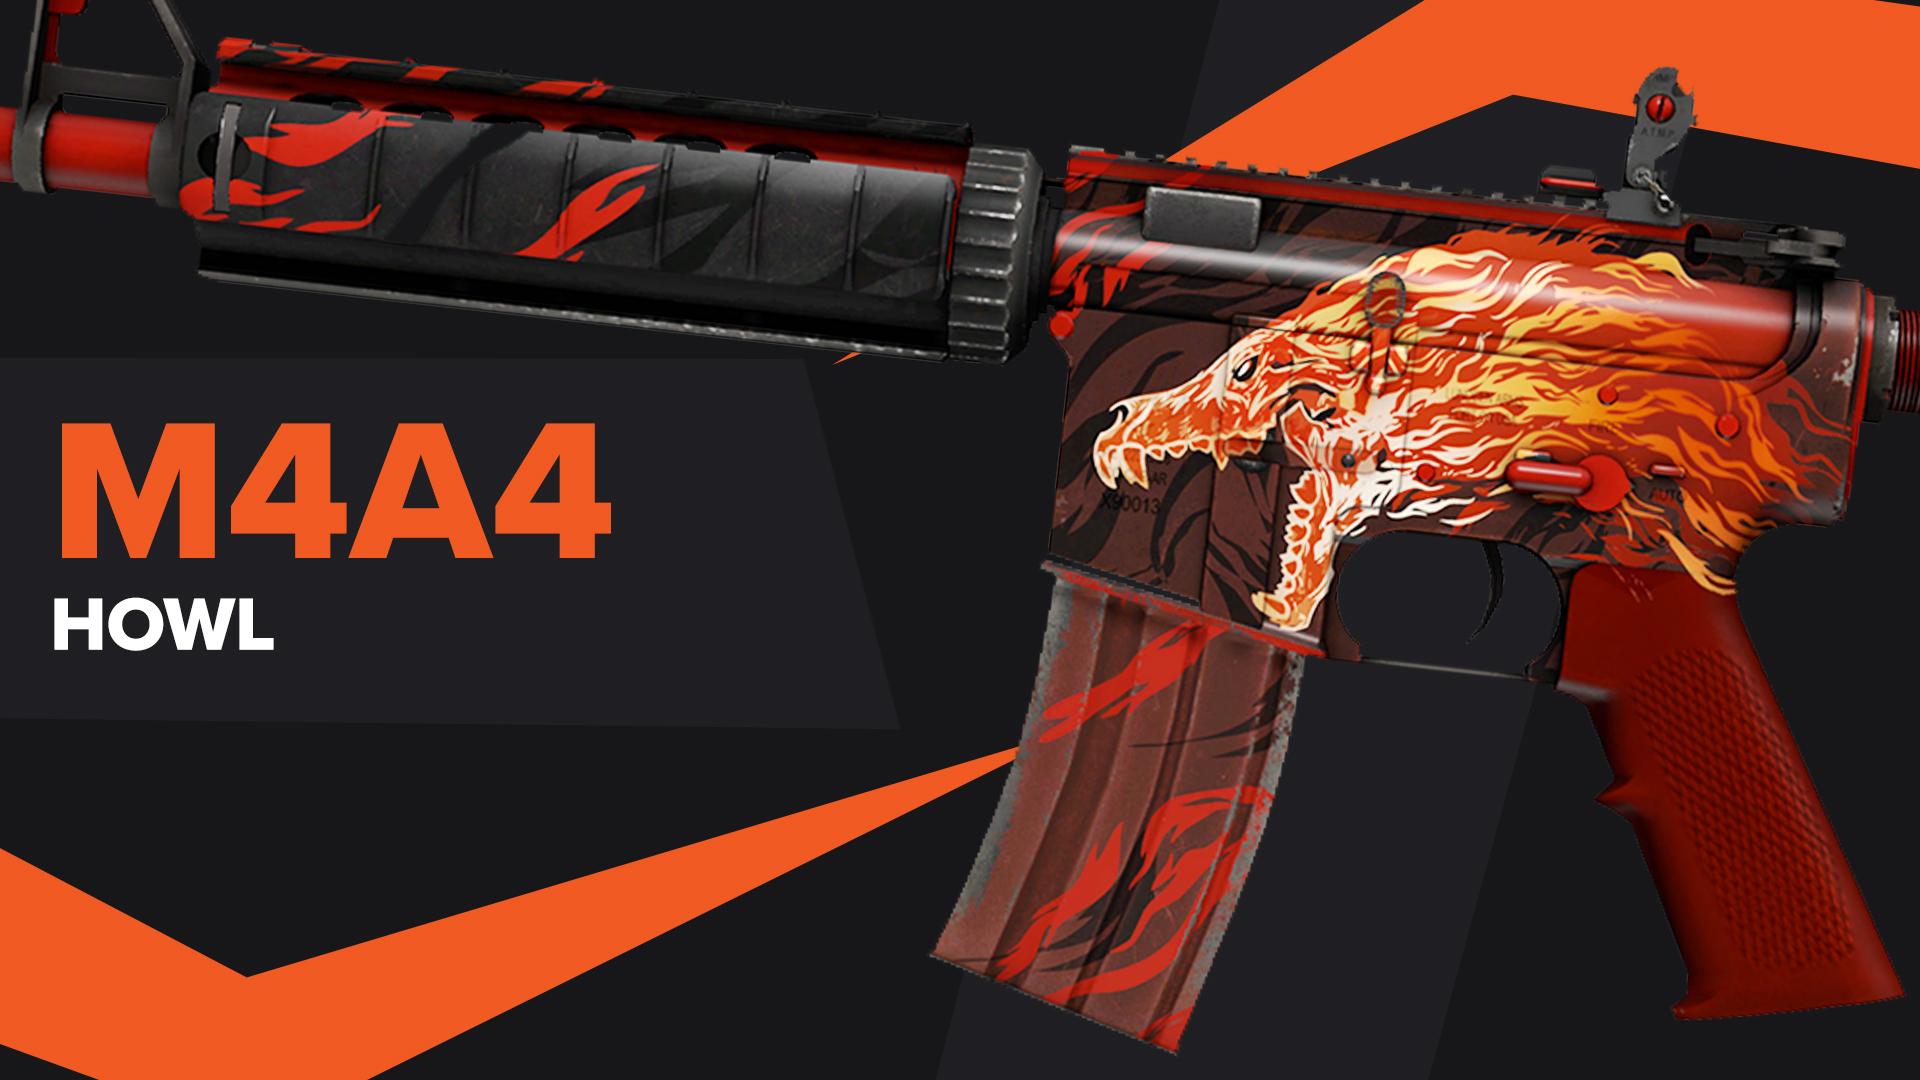 Howl CSGO Skin M4A4